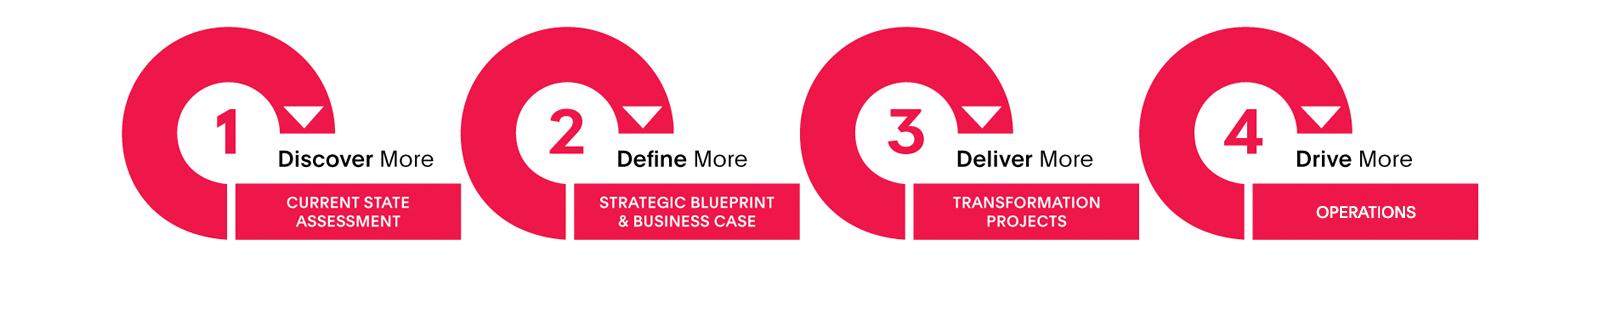 Telstra Purple 4D Digital Transformation methodology